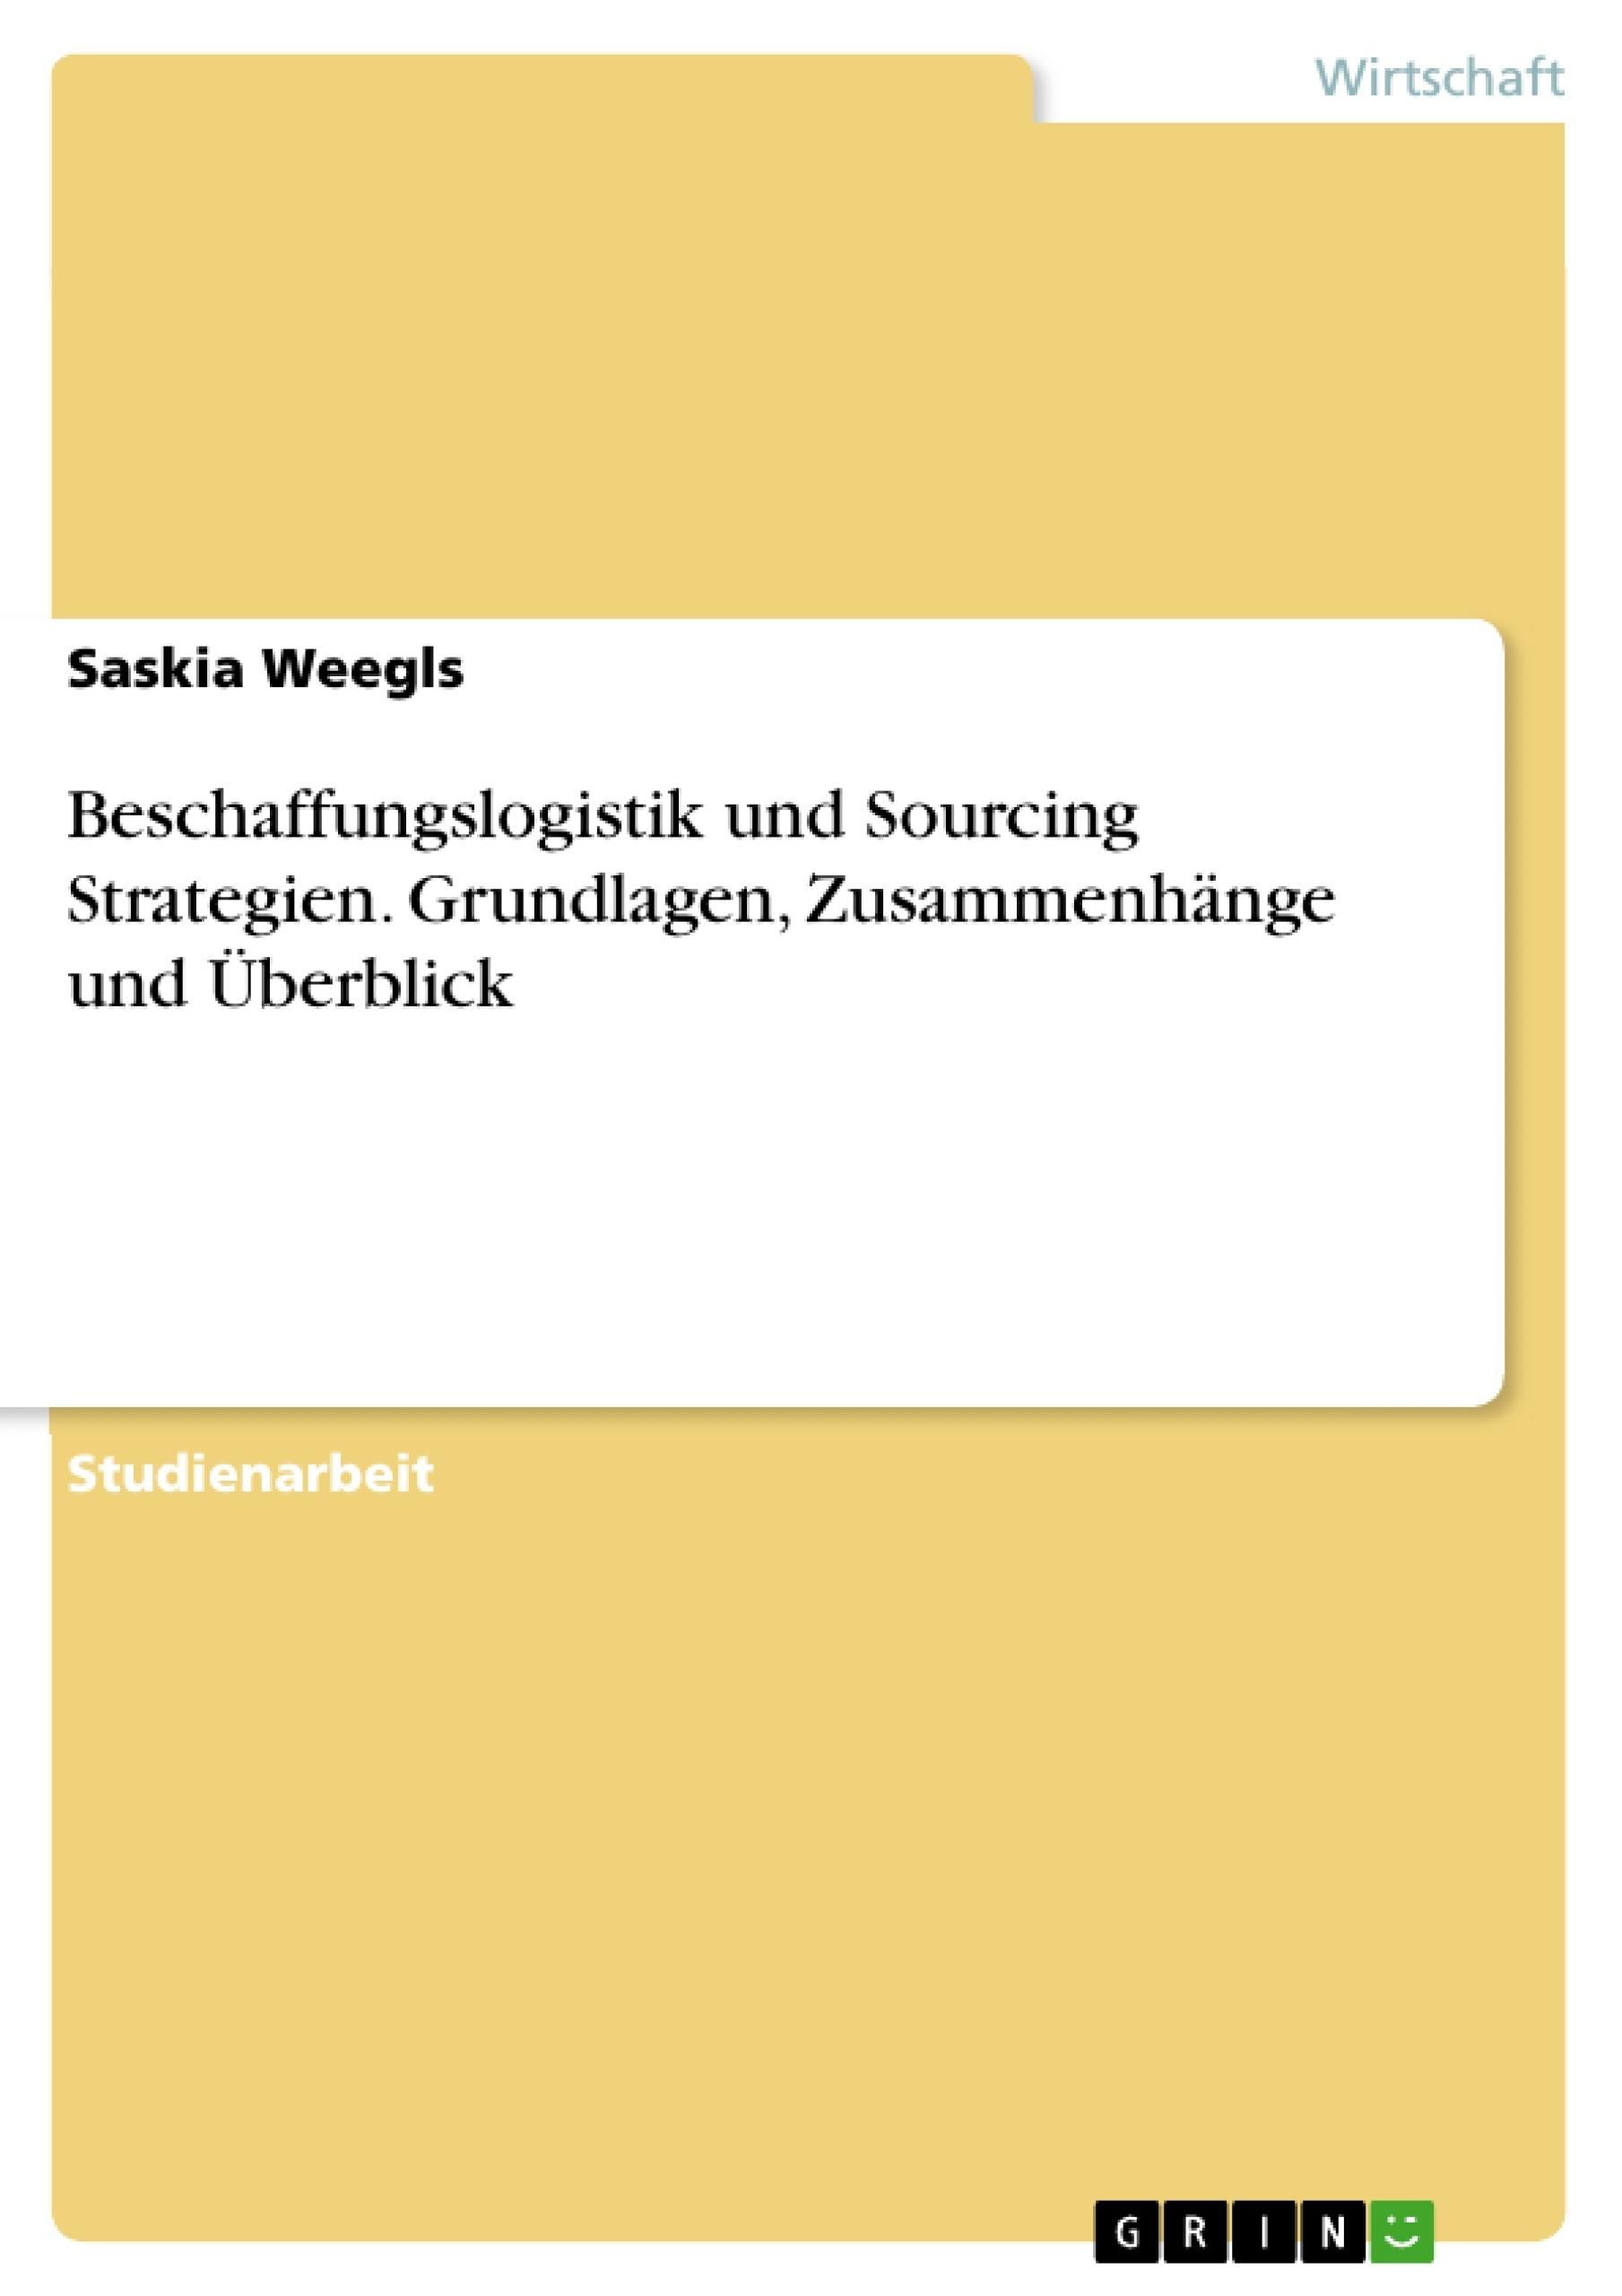 Titel: Beschaffungslogistik und Sourcing Strategien. Grundlagen, Zusammenhänge und Überblick